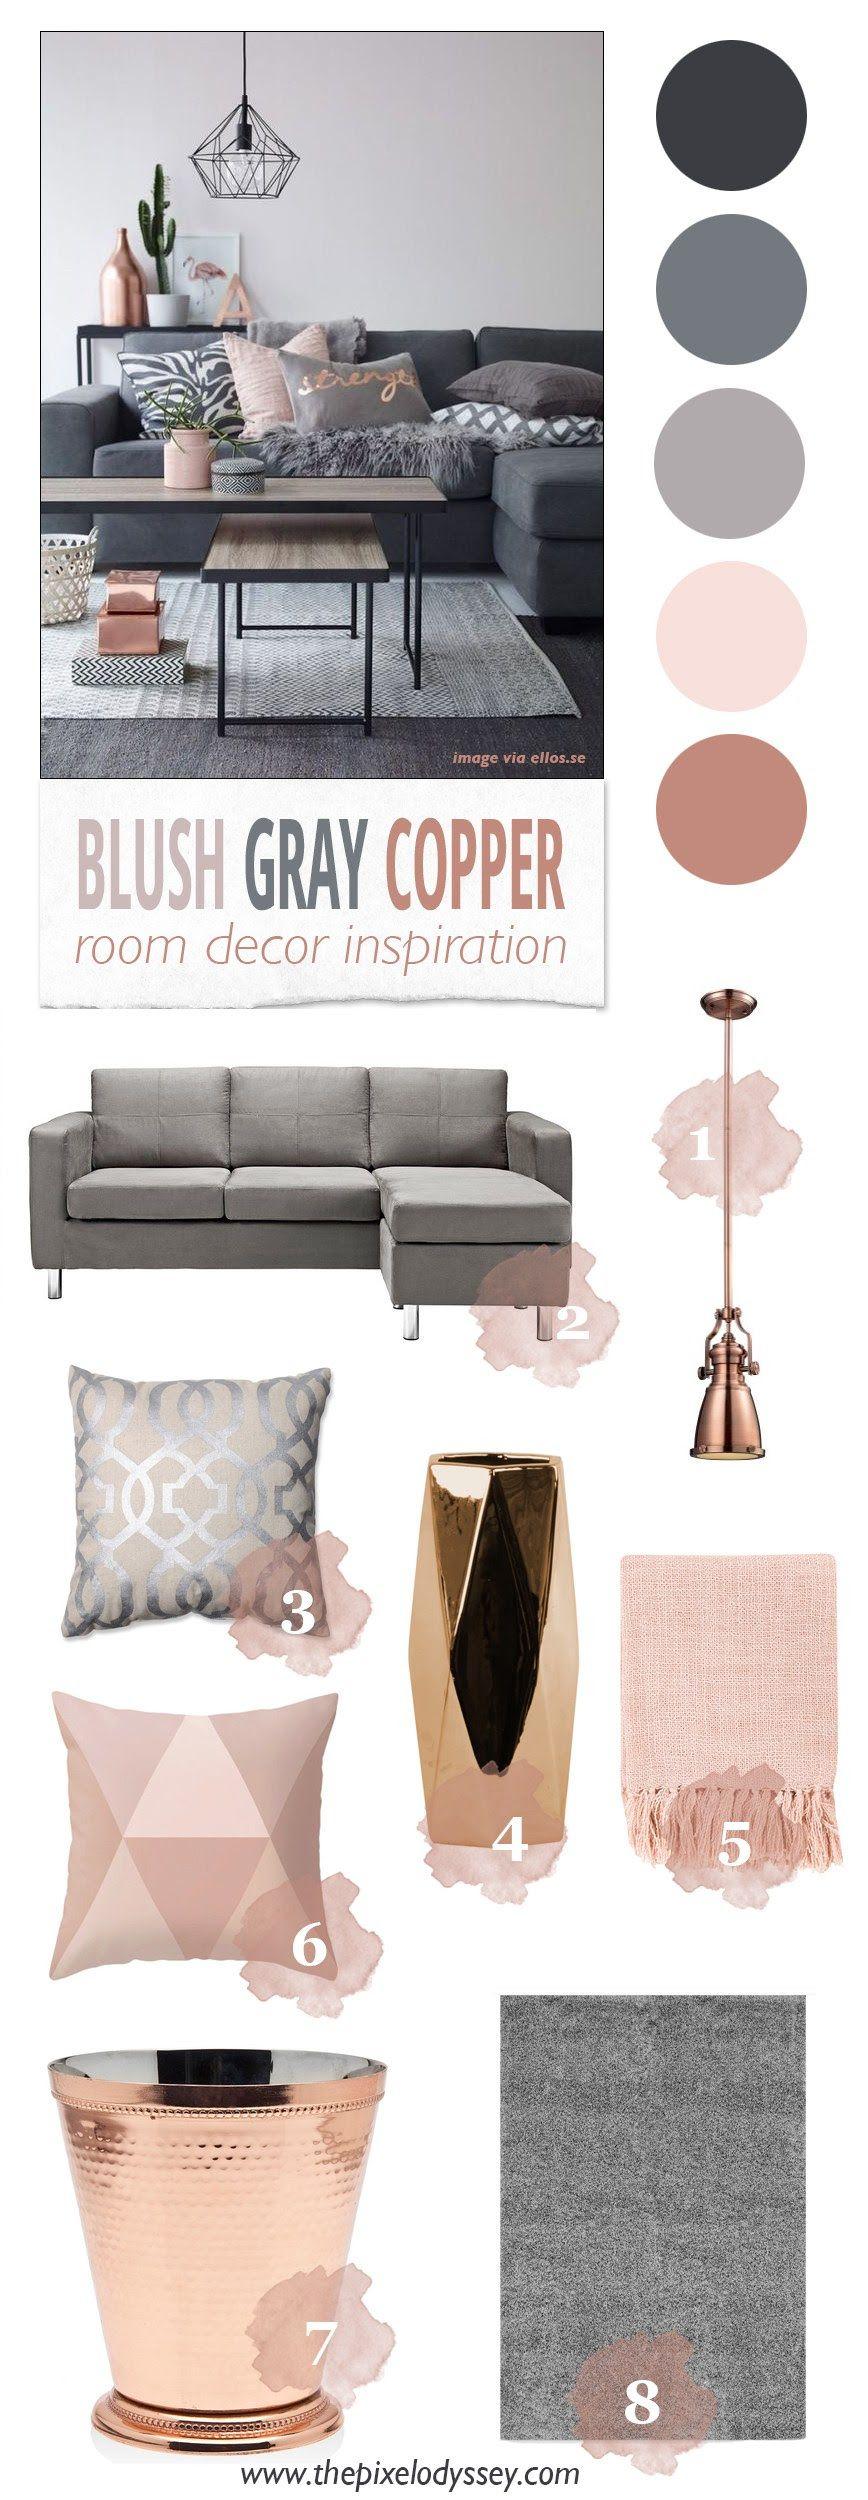 Gray Copper Blush Living Room Decor Mood Board Copper Living Room Copper And Grey Living Room Blush Living Room Decor